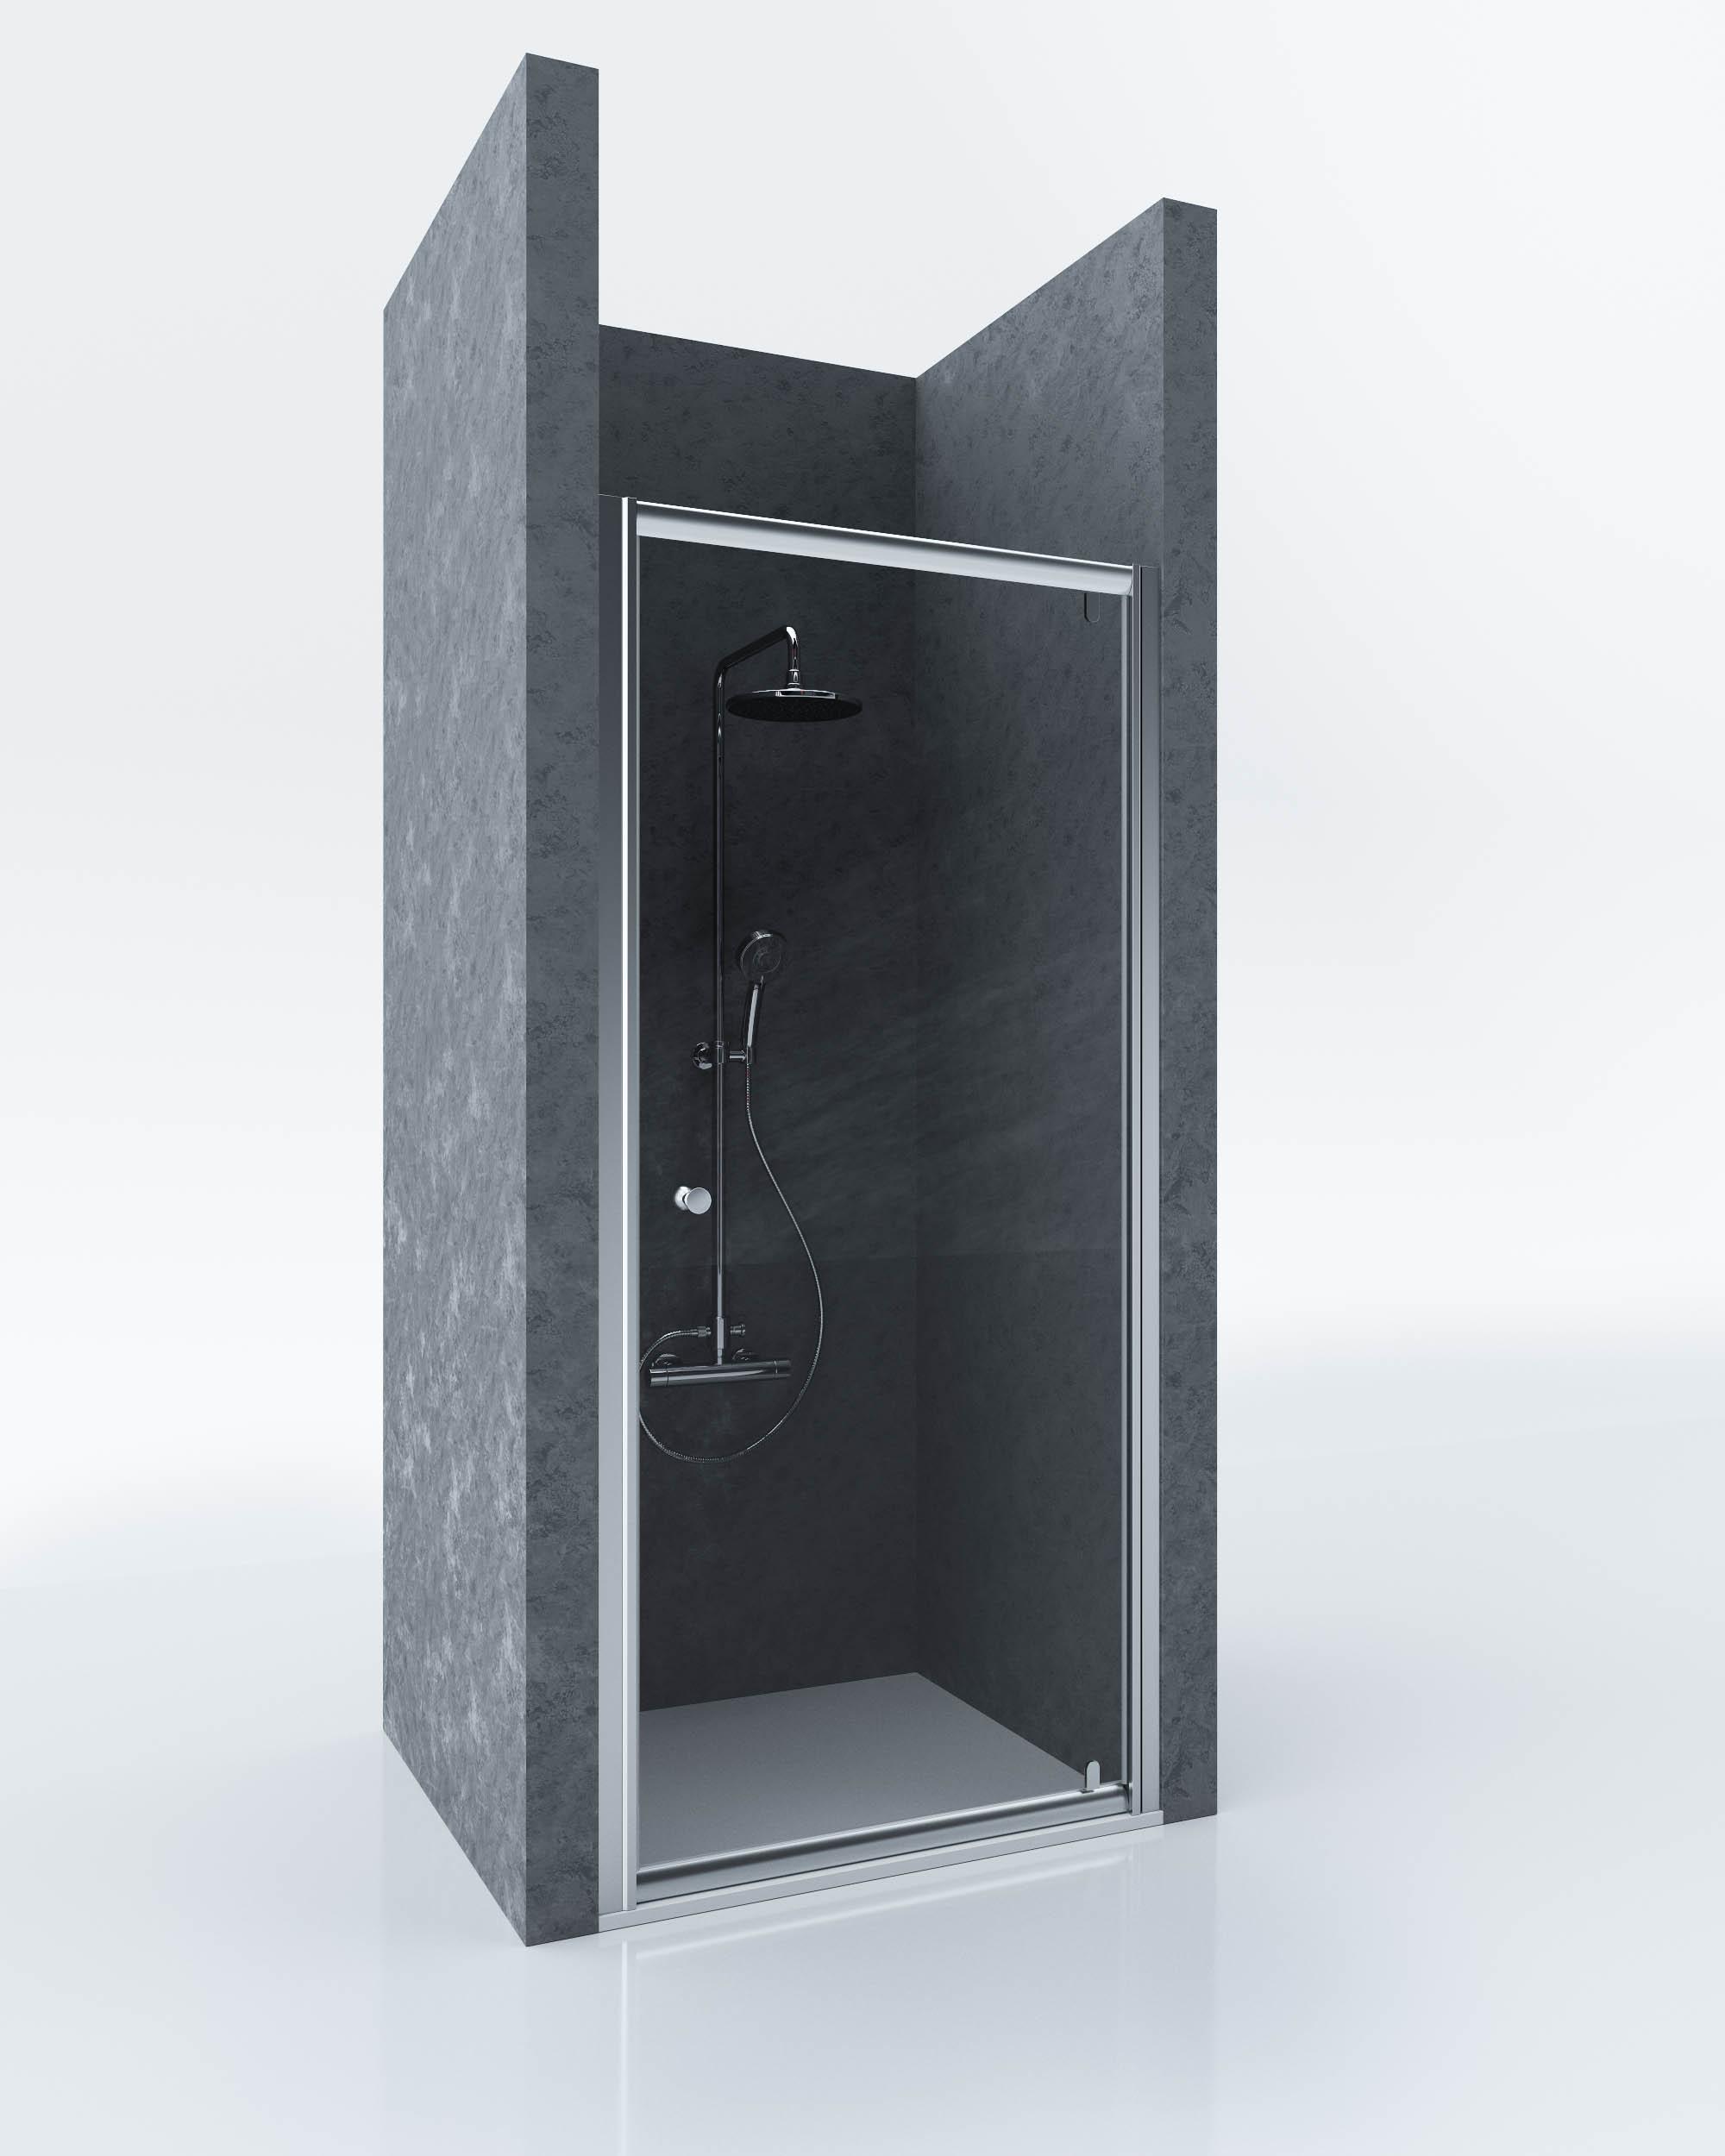 Душевая дверь Sturm Puerta арт. ST-PUER08-NTRCR, 80*185 см